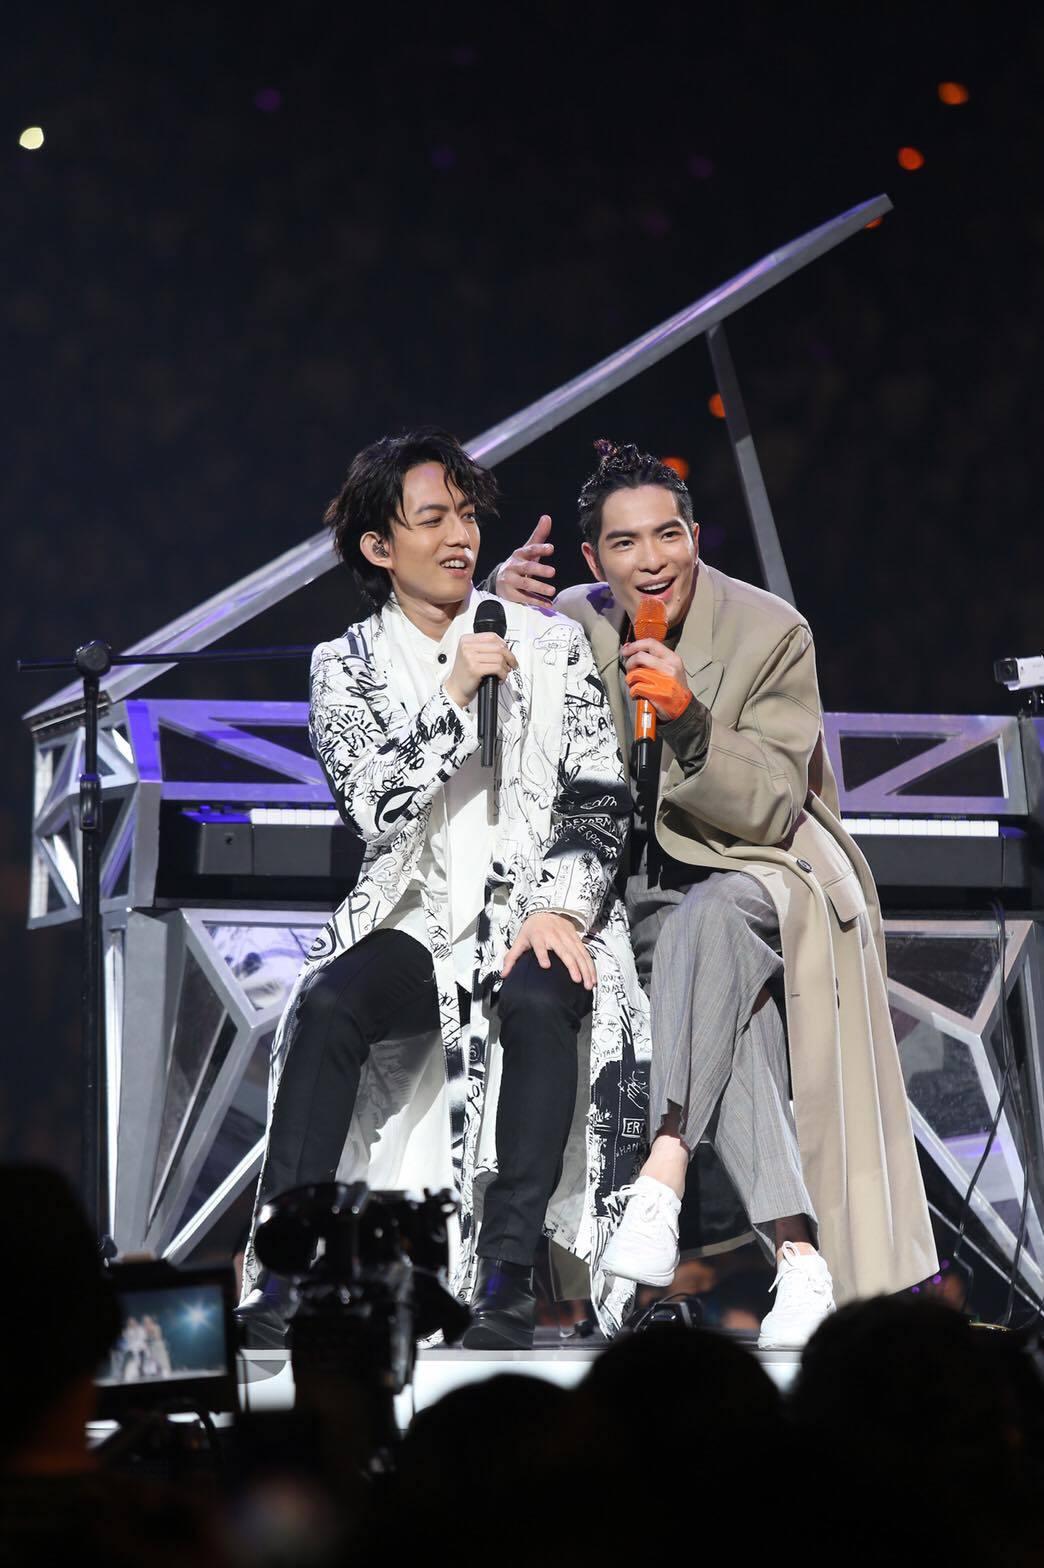 蕭敬騰和林宥嘉首次同台。記者林伯東/攝影